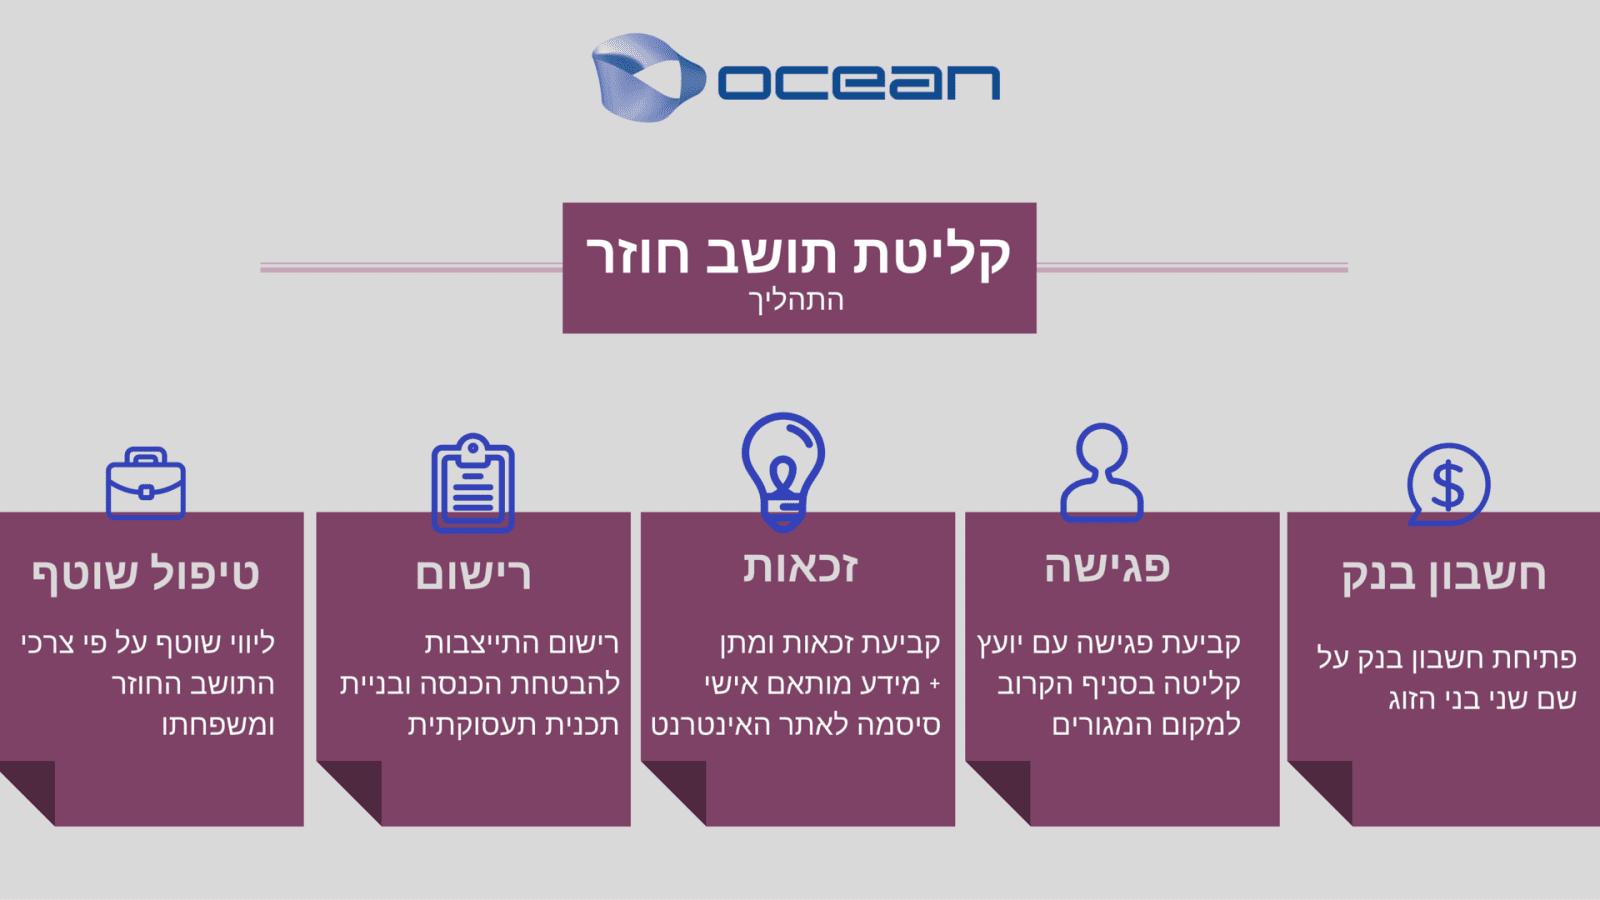 קליטת תושב חוזר, תהליך הקליטה ברילוקיישן לישראל ב-ocean relocation